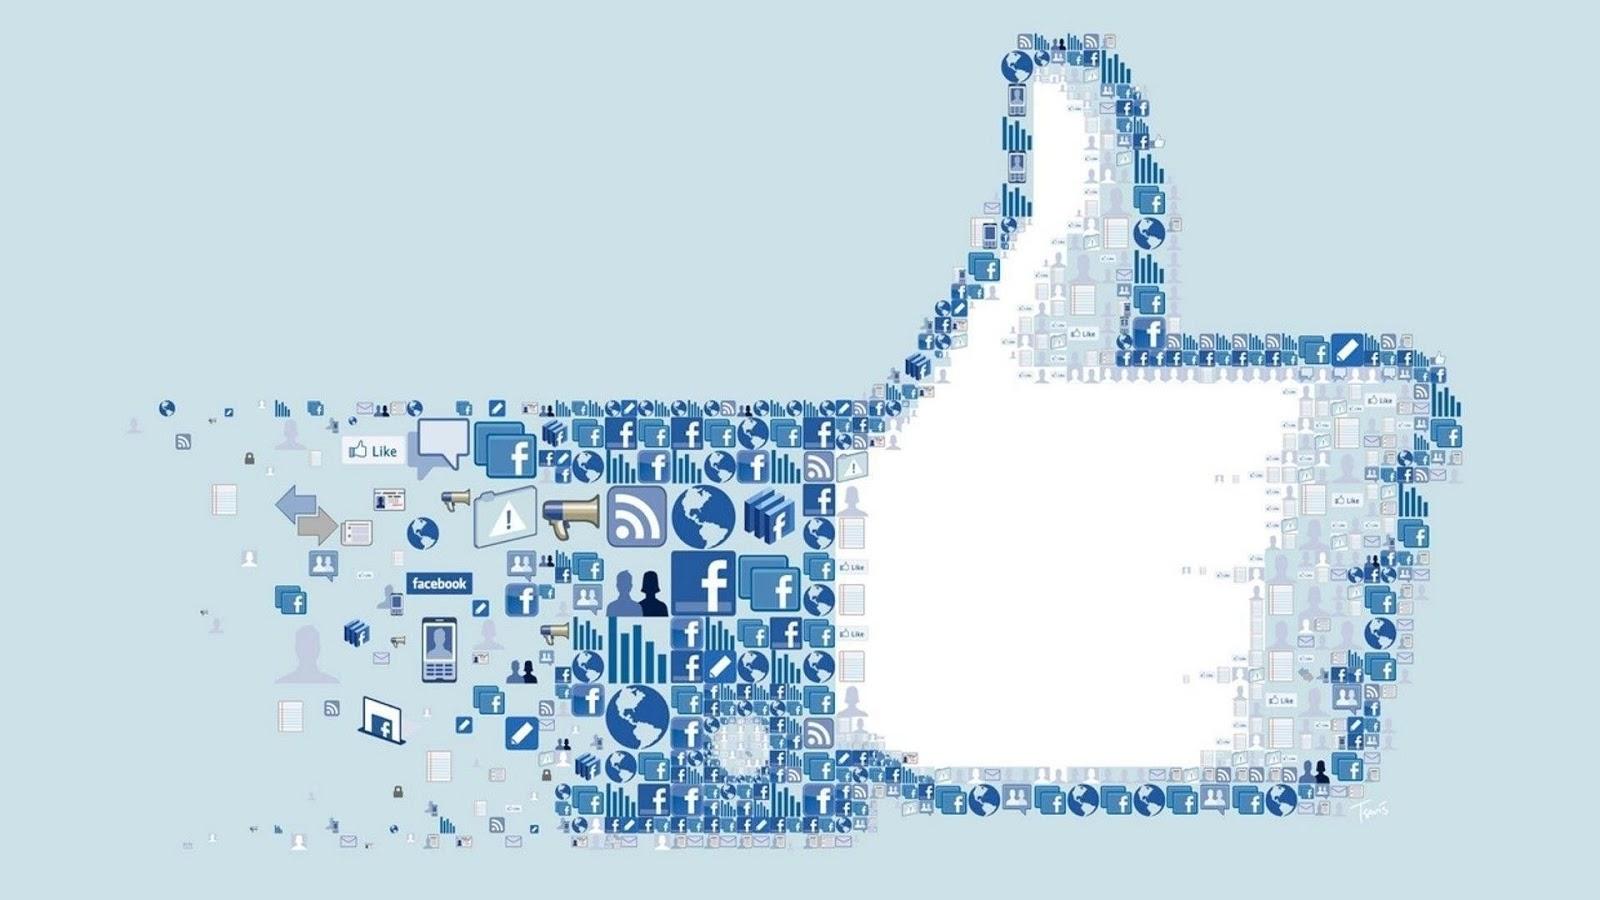 Inilah 4 Manfaat Jejaring Sosial Facebook Untuk Seorang Blogger Yang Harus Anda Ketahui